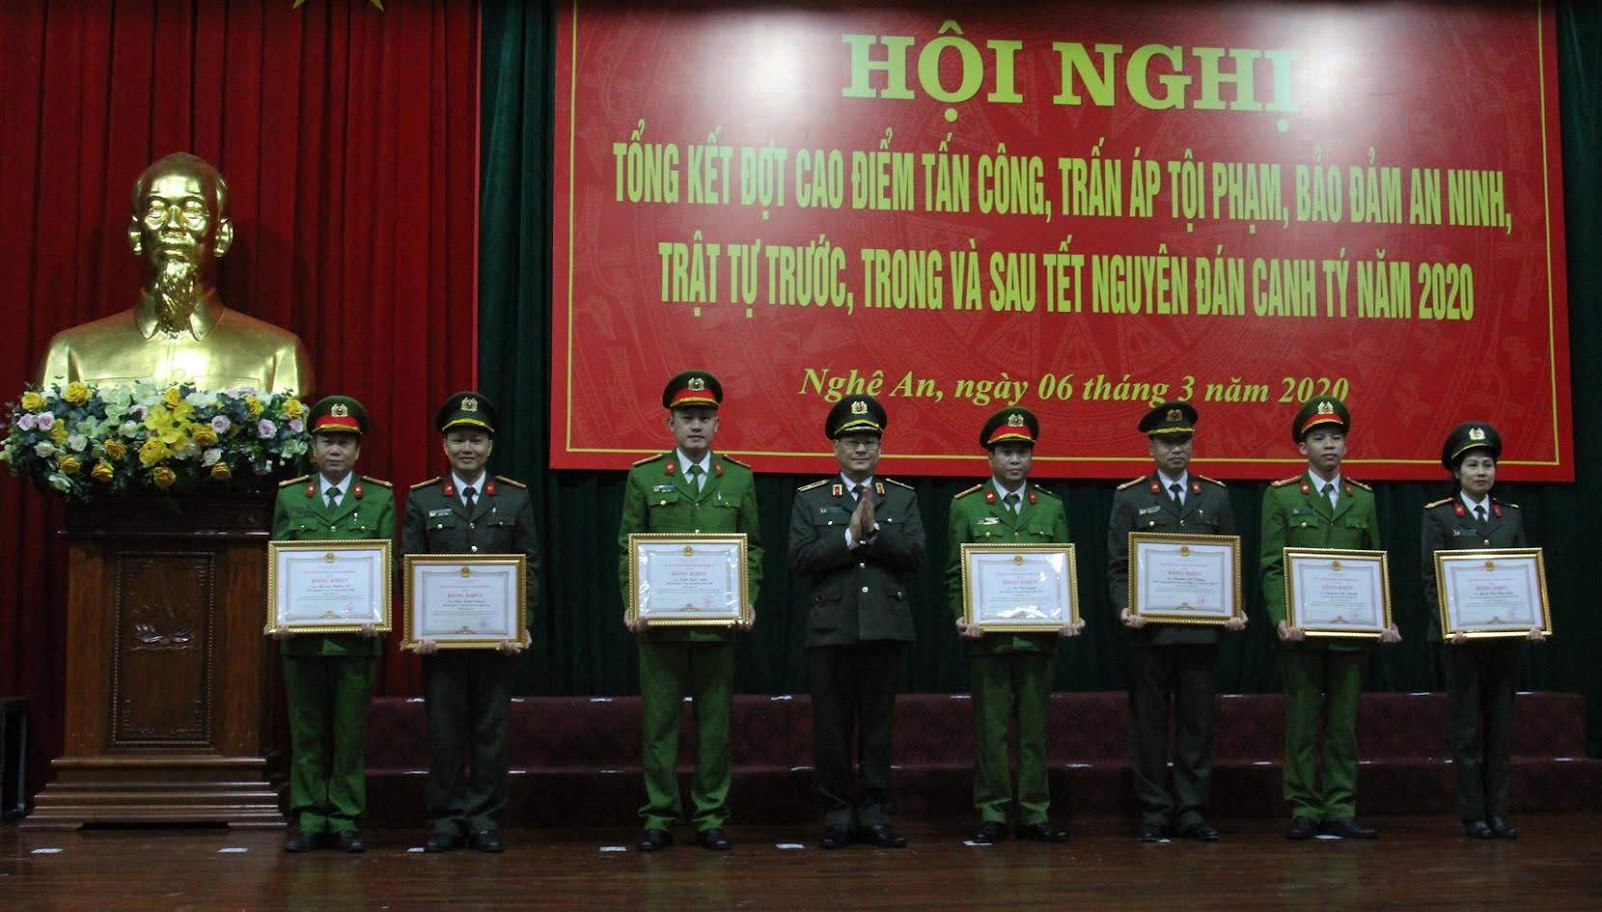 Thừa ủy quyền, đồng chí Thiếu tướng Nguyễn Hữu Cầu, Giám đốc Công an tỉnh                               trao Bằng khen của UBND tỉnh cho các cá nhân có thành tích xuất sắc trong đợt cao điểm